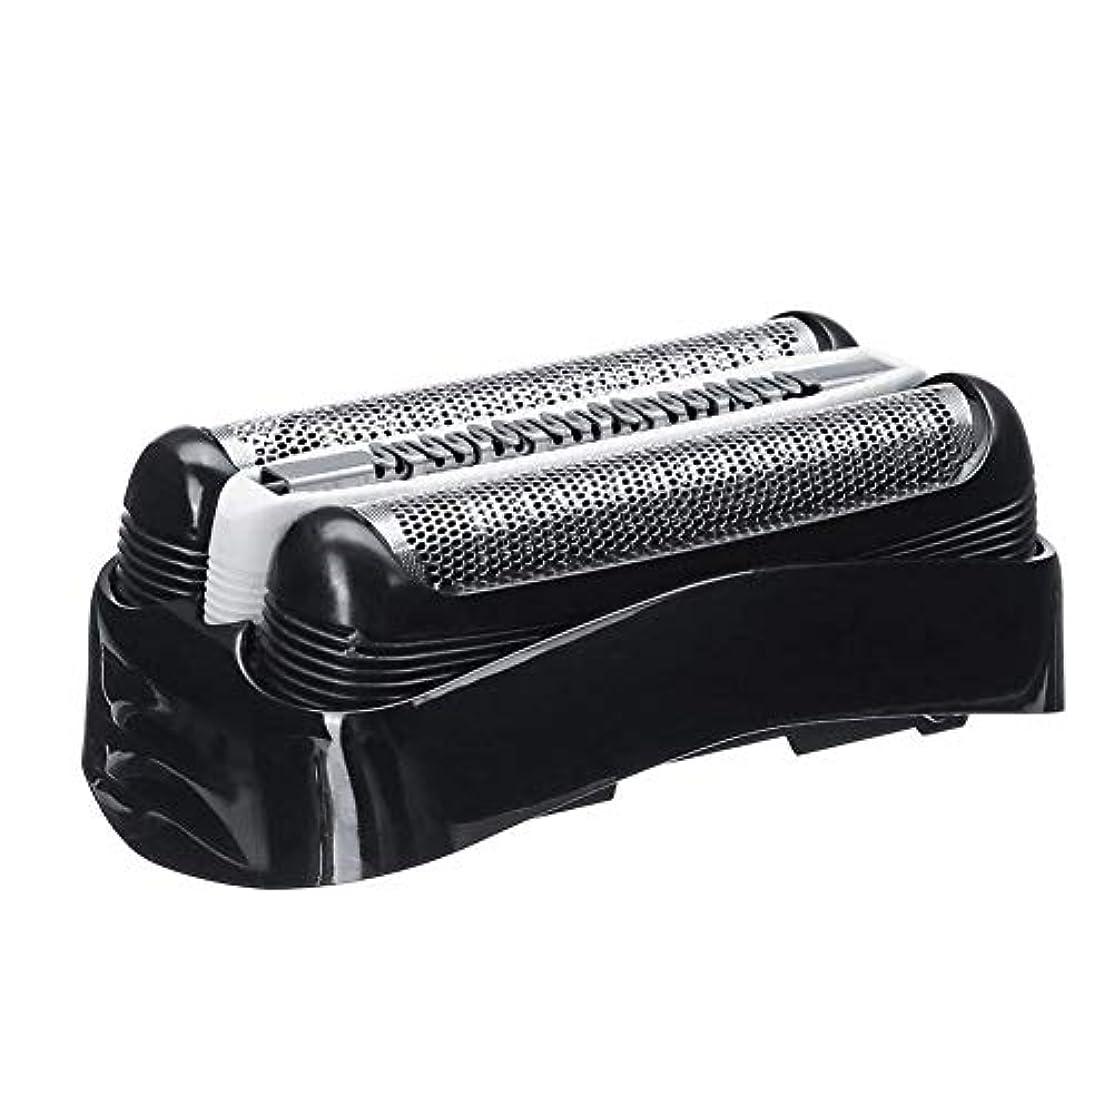 重量延期するツールclouday シェーバー替刃 メンズシェーバー用 セット刃 シェーバー交換部品 電気シェーバー交換ヘッドカミソリアクセサリ for Braun 3 series well-designed